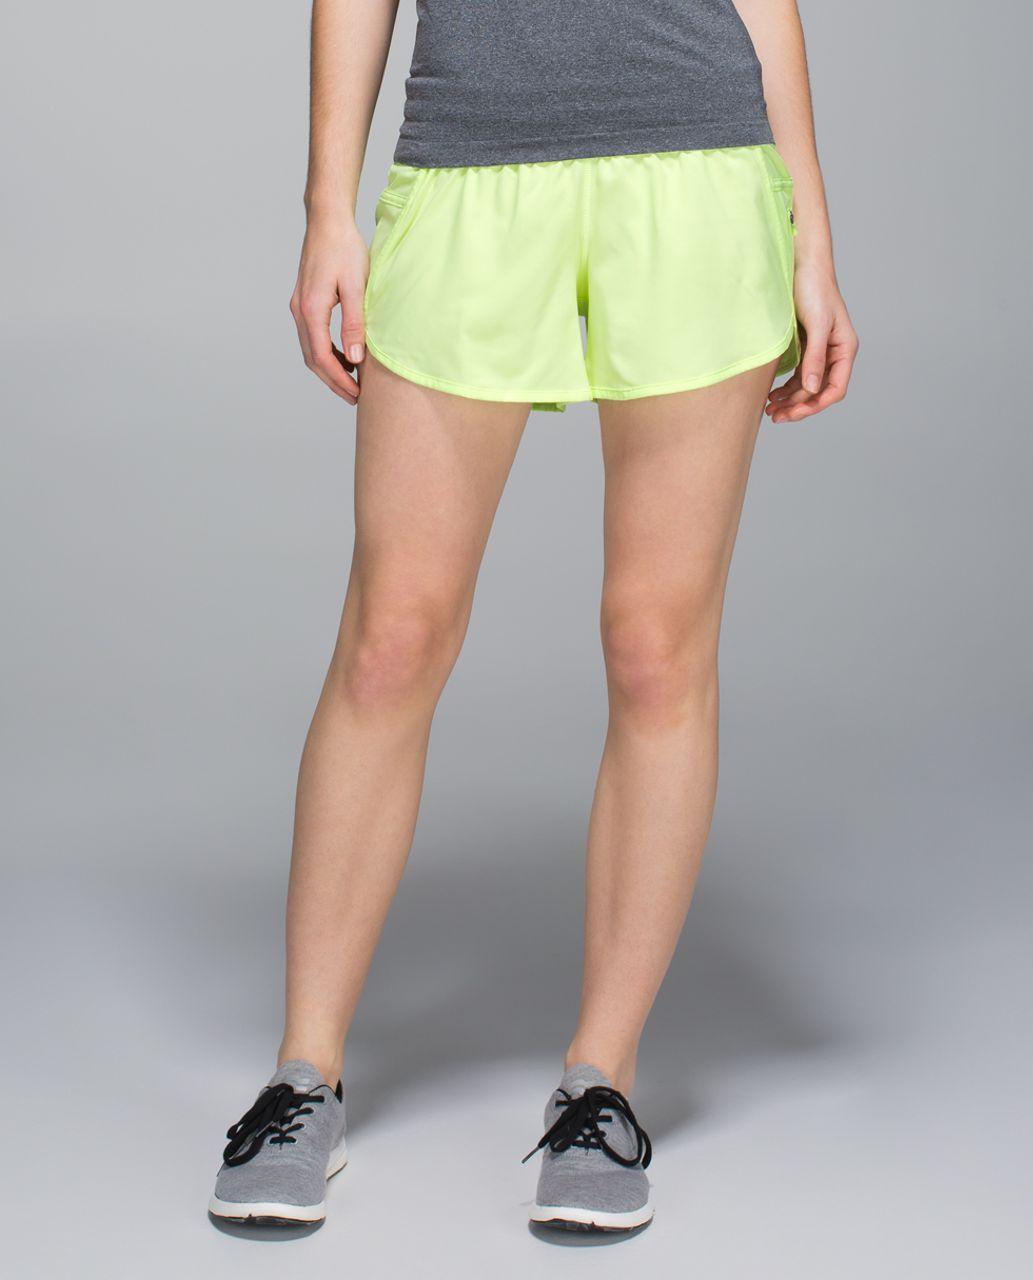 Lululemon Tracker Short III *4-way Stretch - Clear Mint / Hyper Stripe Clear Mint Zest